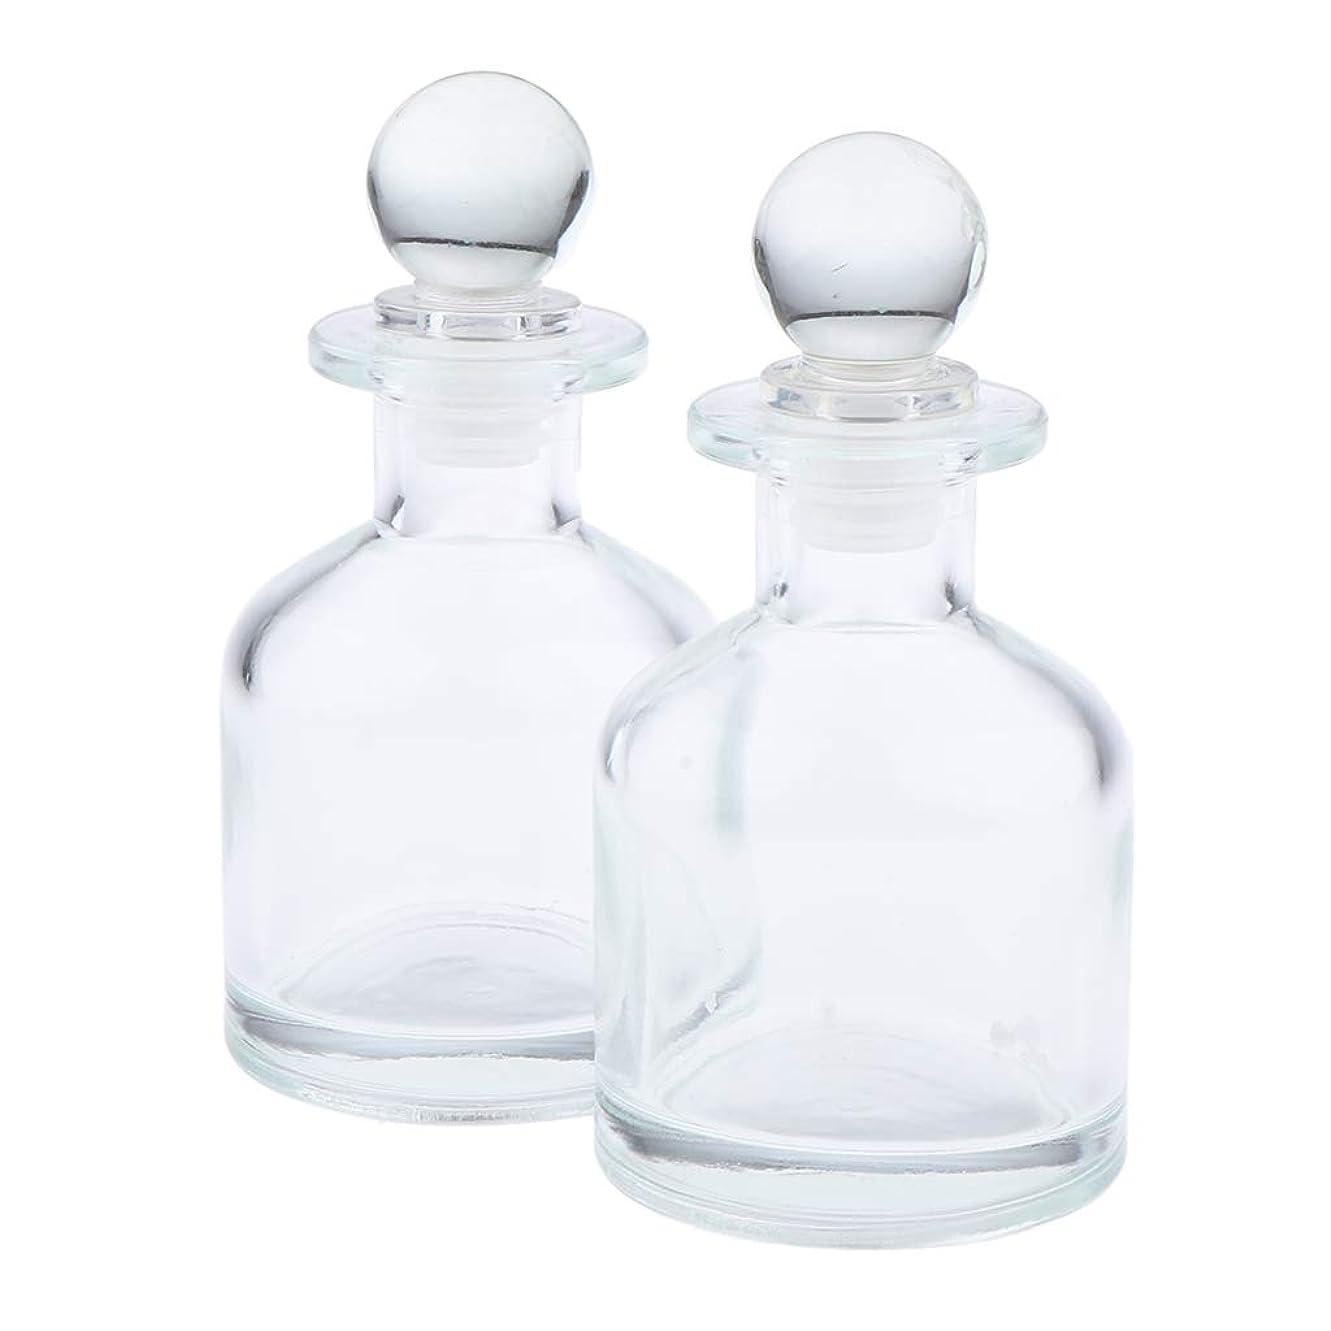 長老心理的に収益F Fityle 2個 香水ディフューザーボトル ガラス瓶 丸い クリア 部屋装飾 インテリア 2サイズ選べ - 130ミリリットル